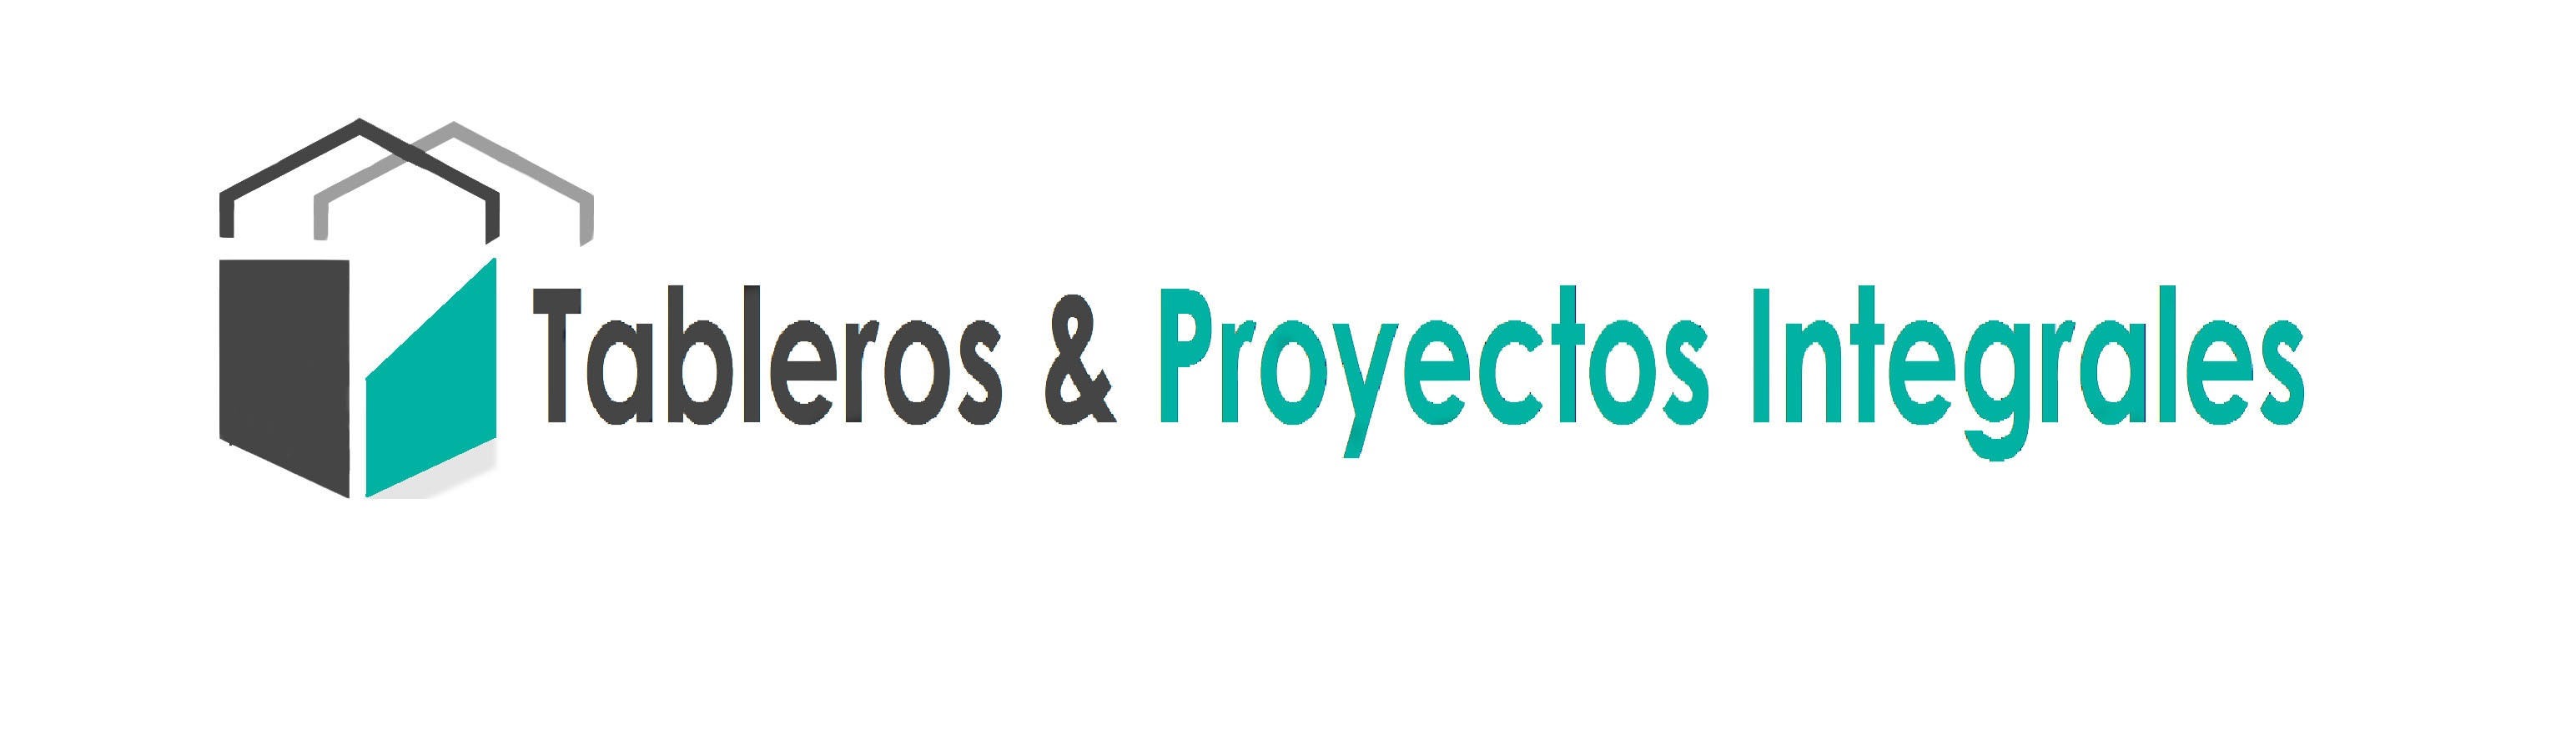 Tableros Y Proyectos Integrales